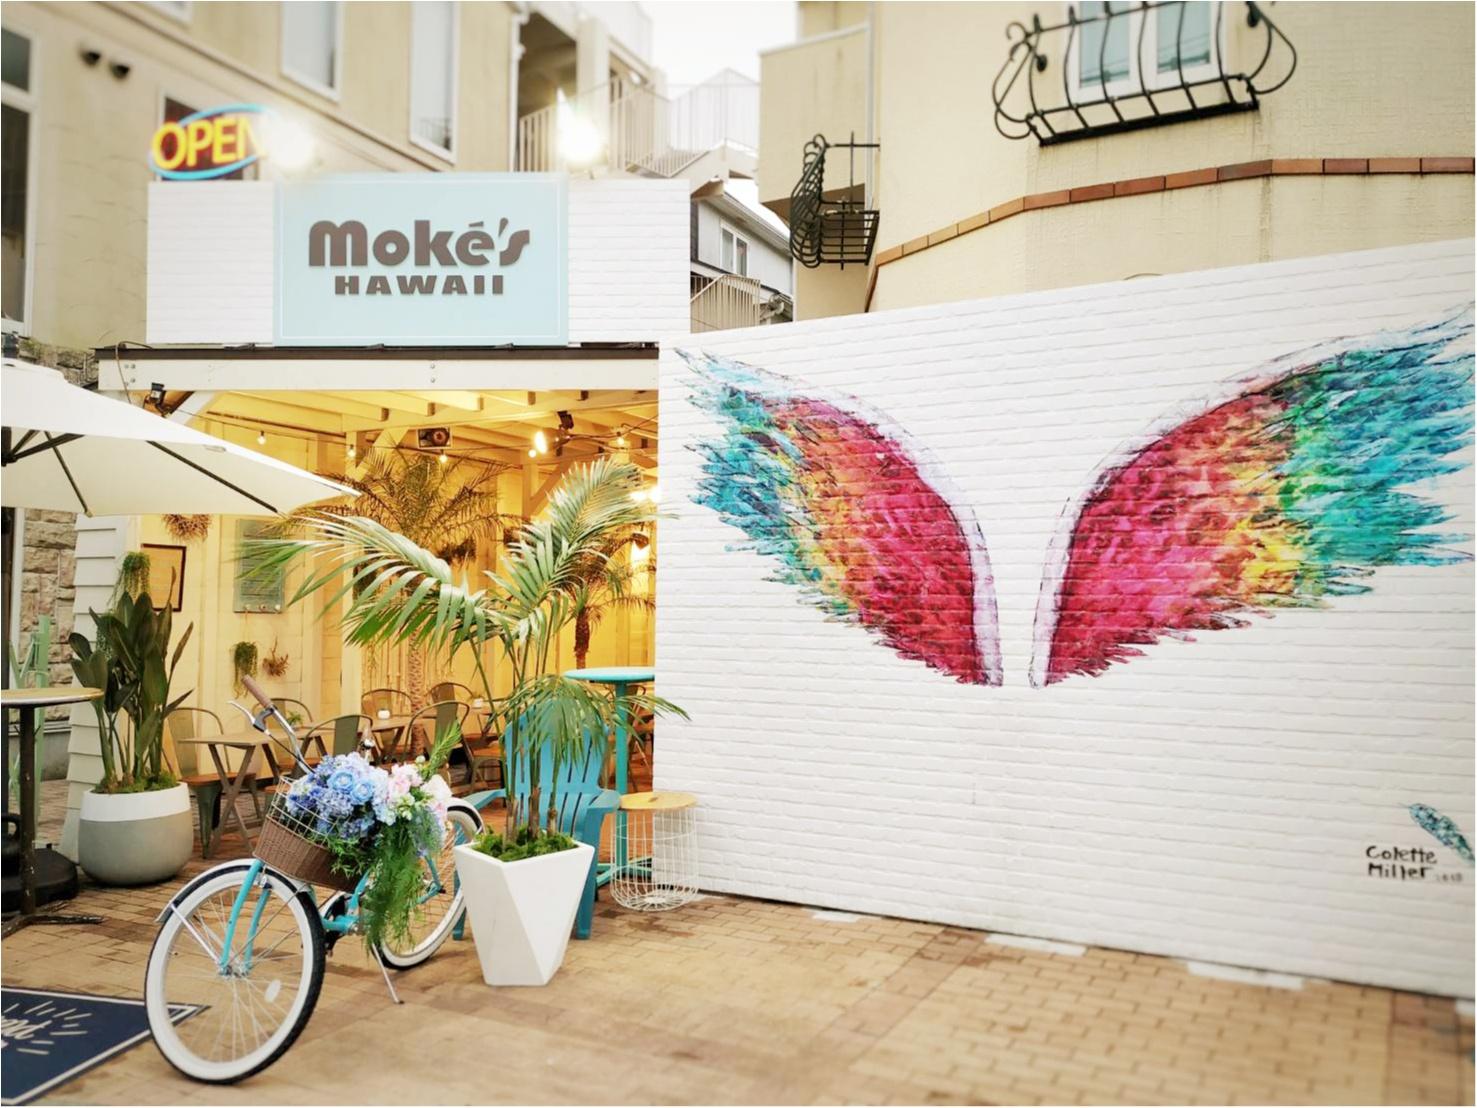 フォトジェニックな空間♡ 江ノ島カフェ『Moke's Hawaii』が可愛すぎなんです_1